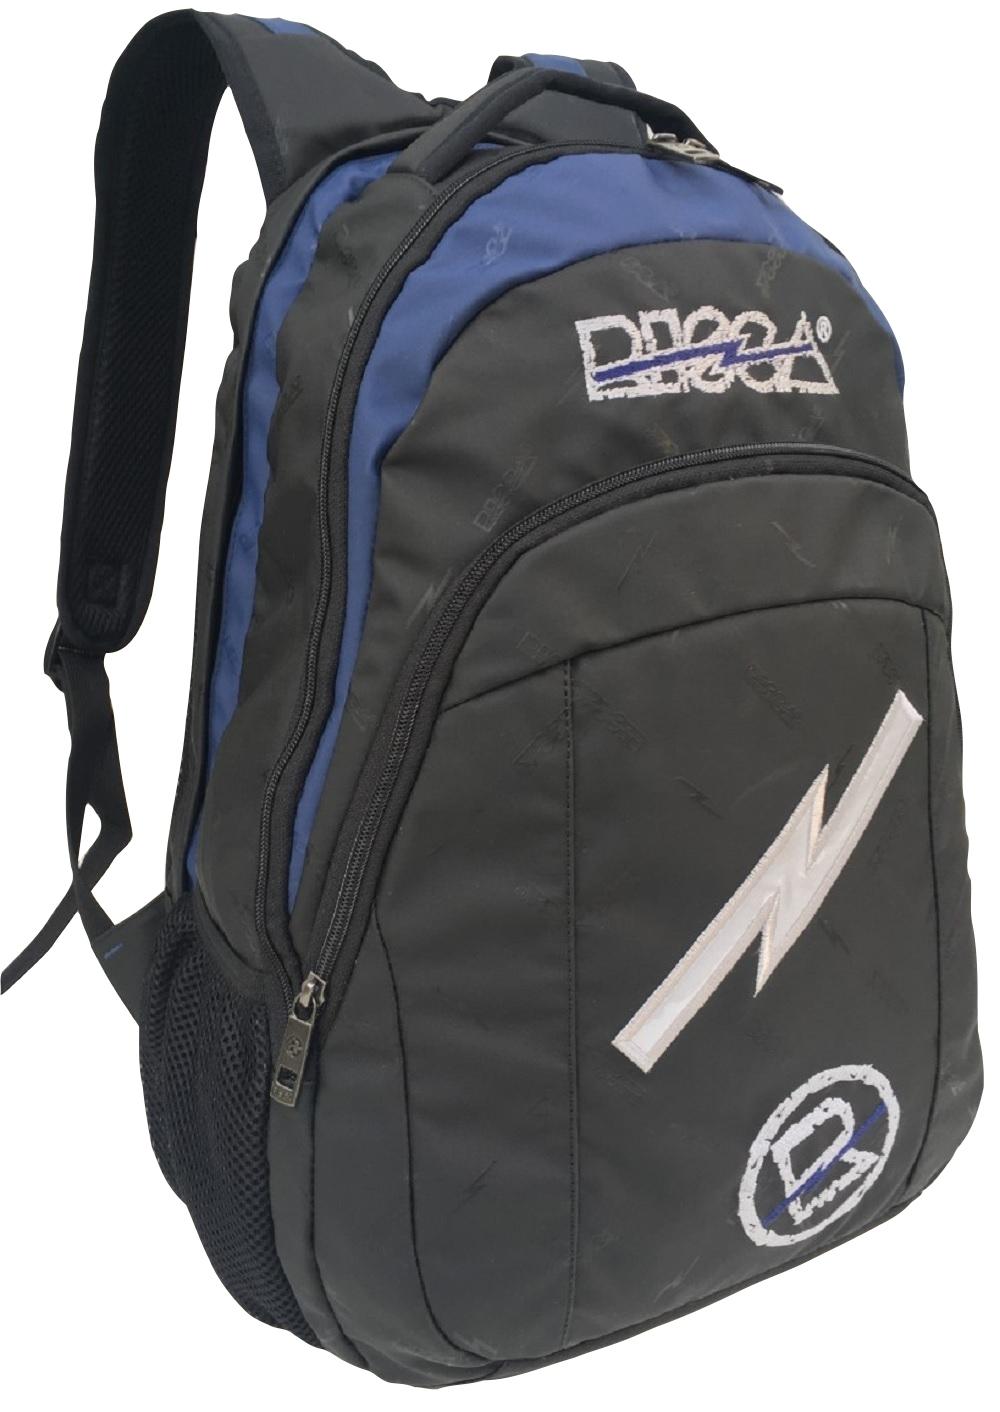 Mochila Risca 9068 - Preta/Azul